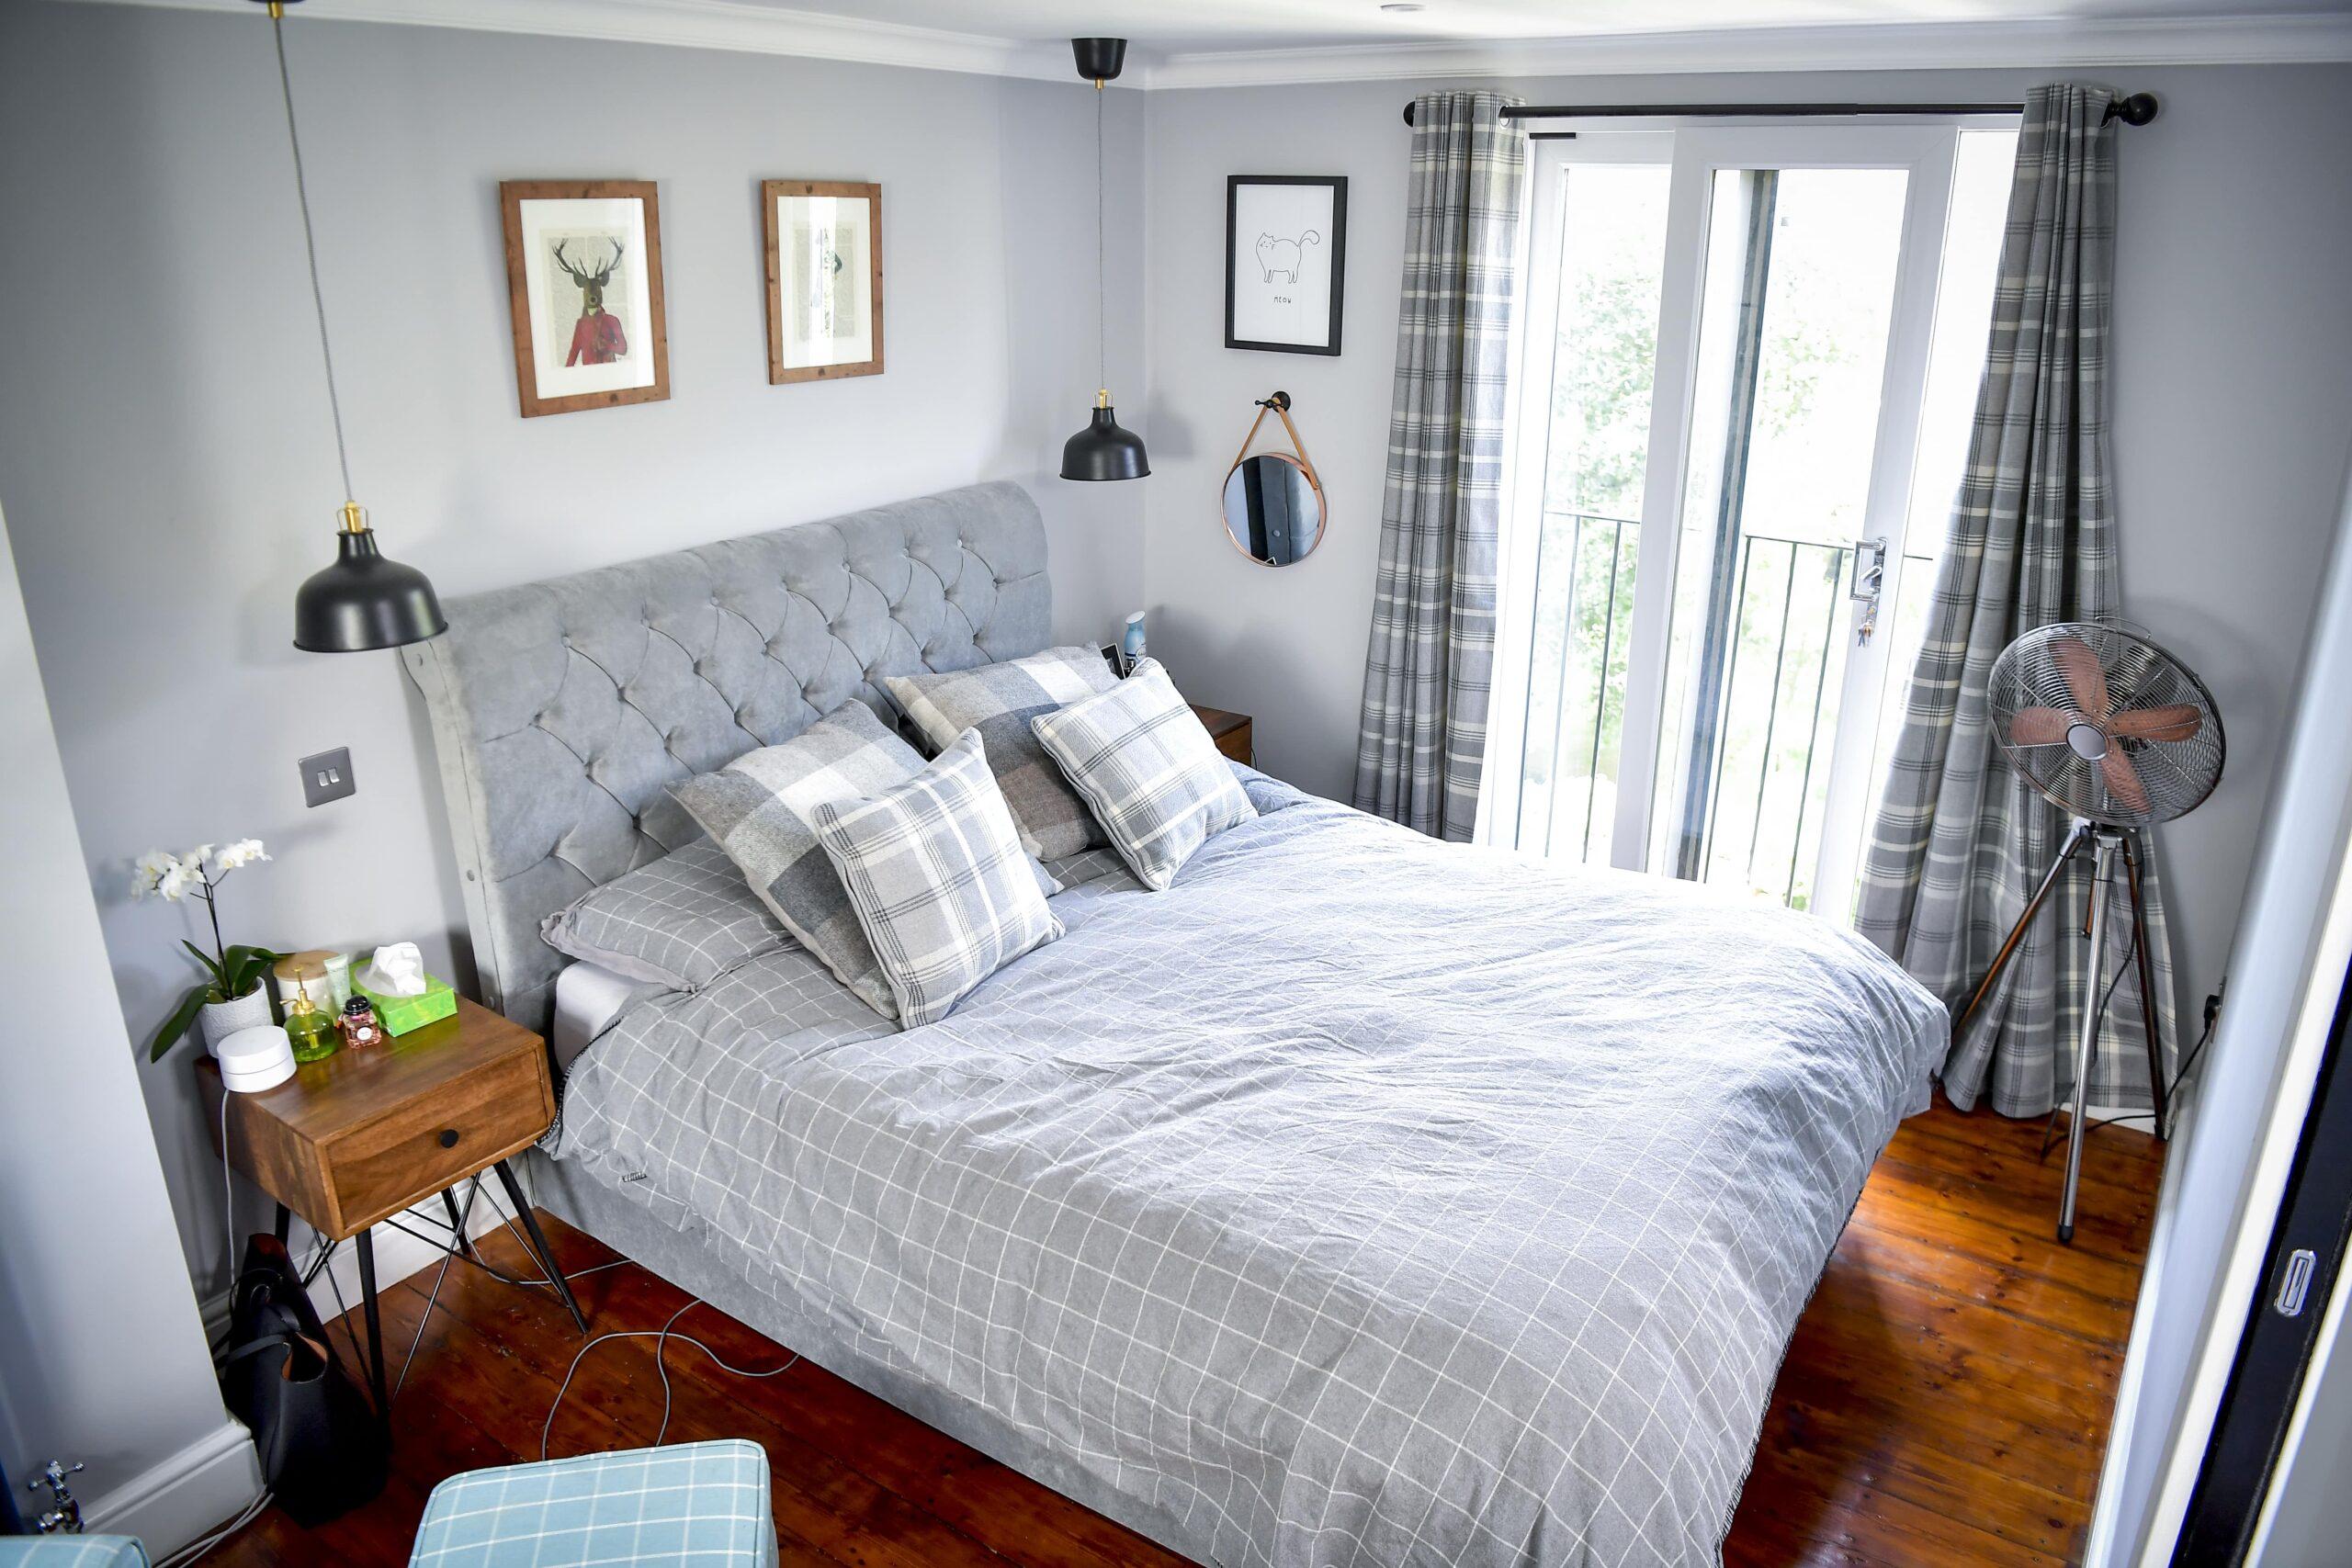 Bedroom Refurbishment In London